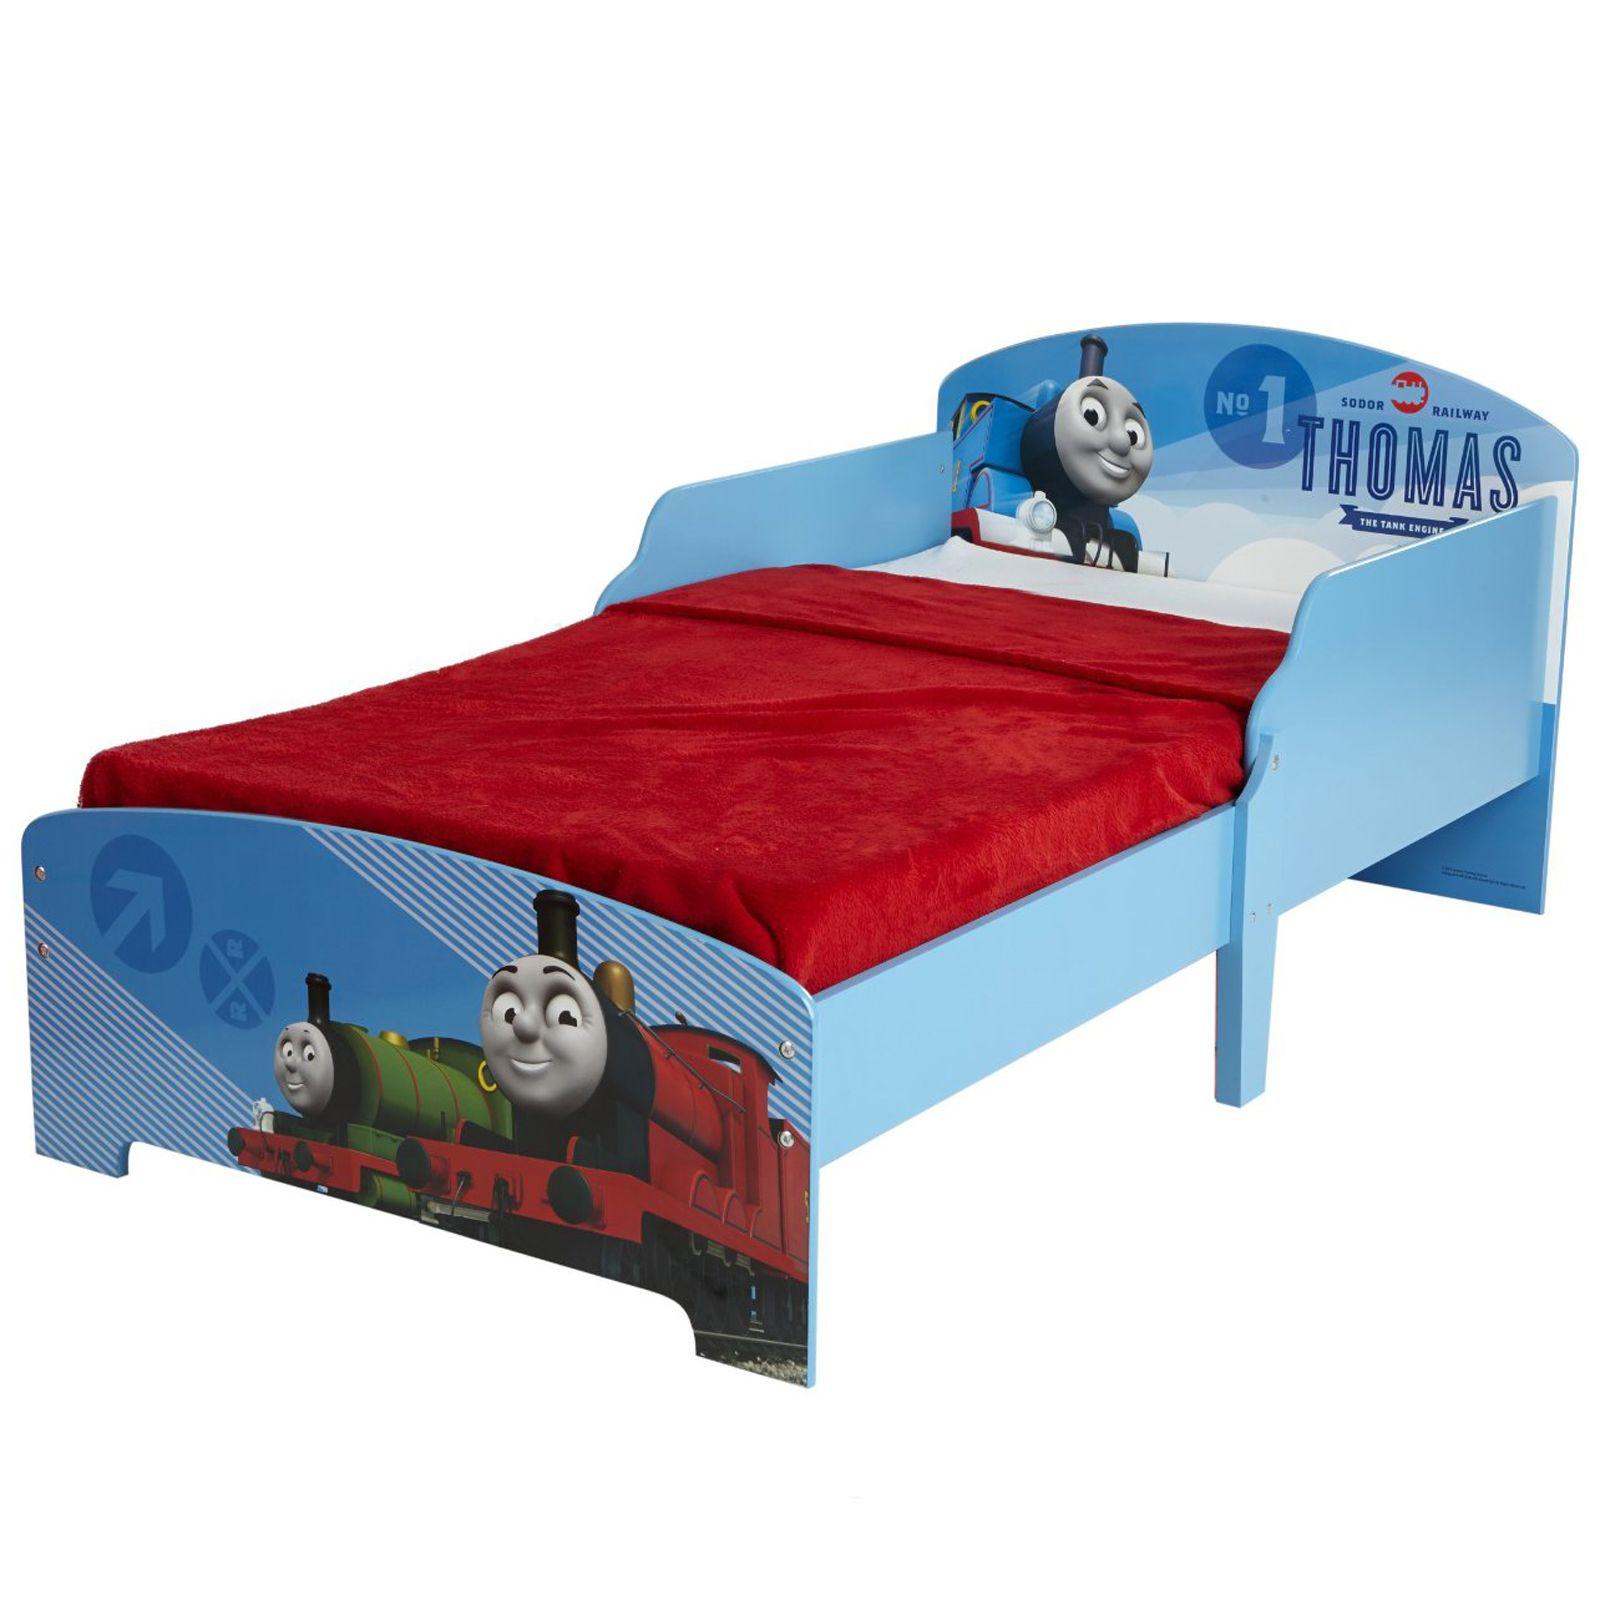 Thomas /& Friends JUNIOR bébé lit avec panneaux latéraux Entièrement Sprung Matelas